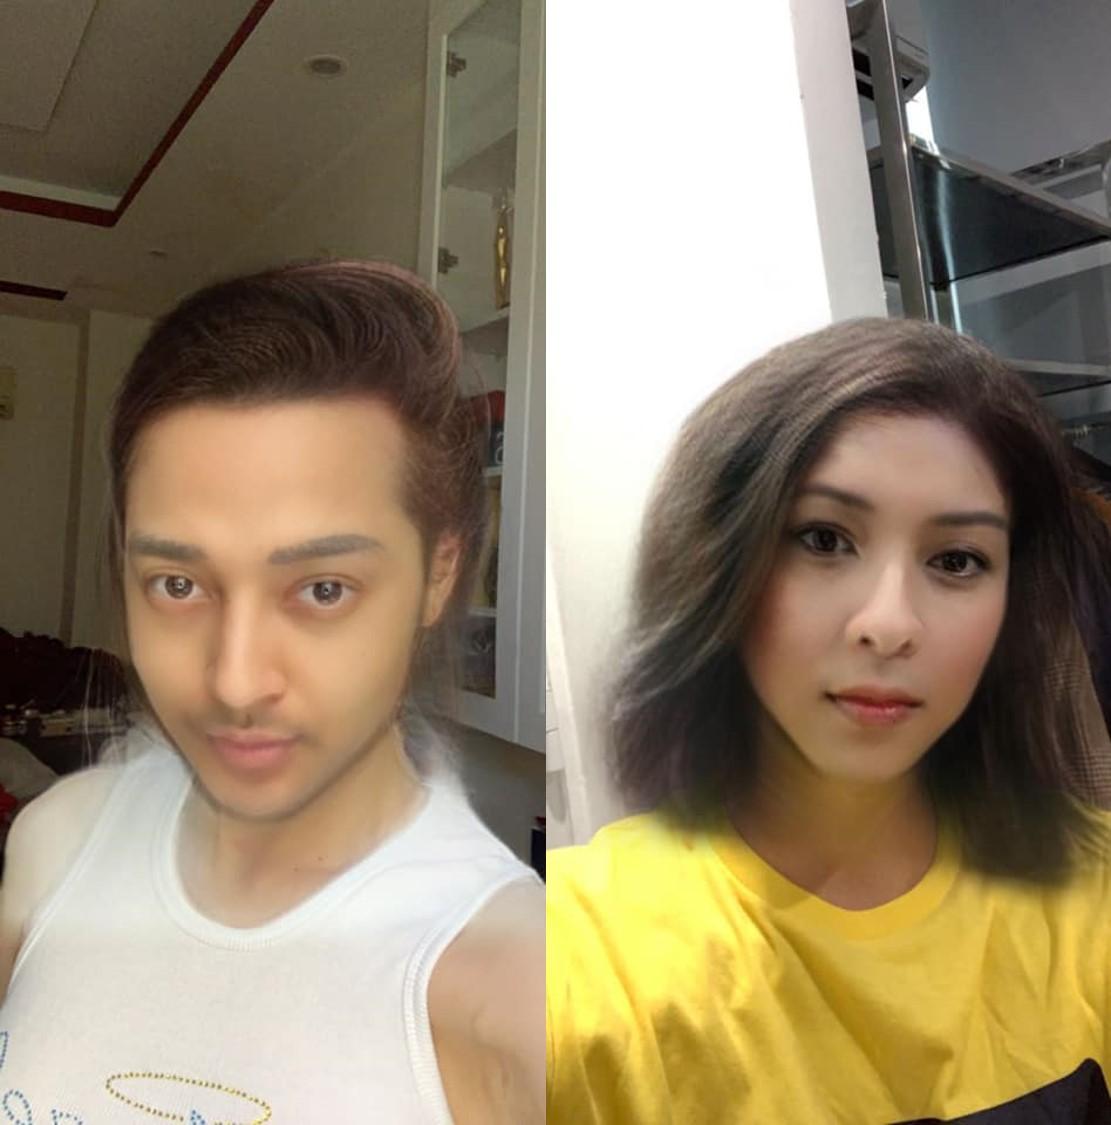 Bảo Anh, Bích Phương đăng ảnh chân dung bạn trai và sự thật bất ngờ - 4